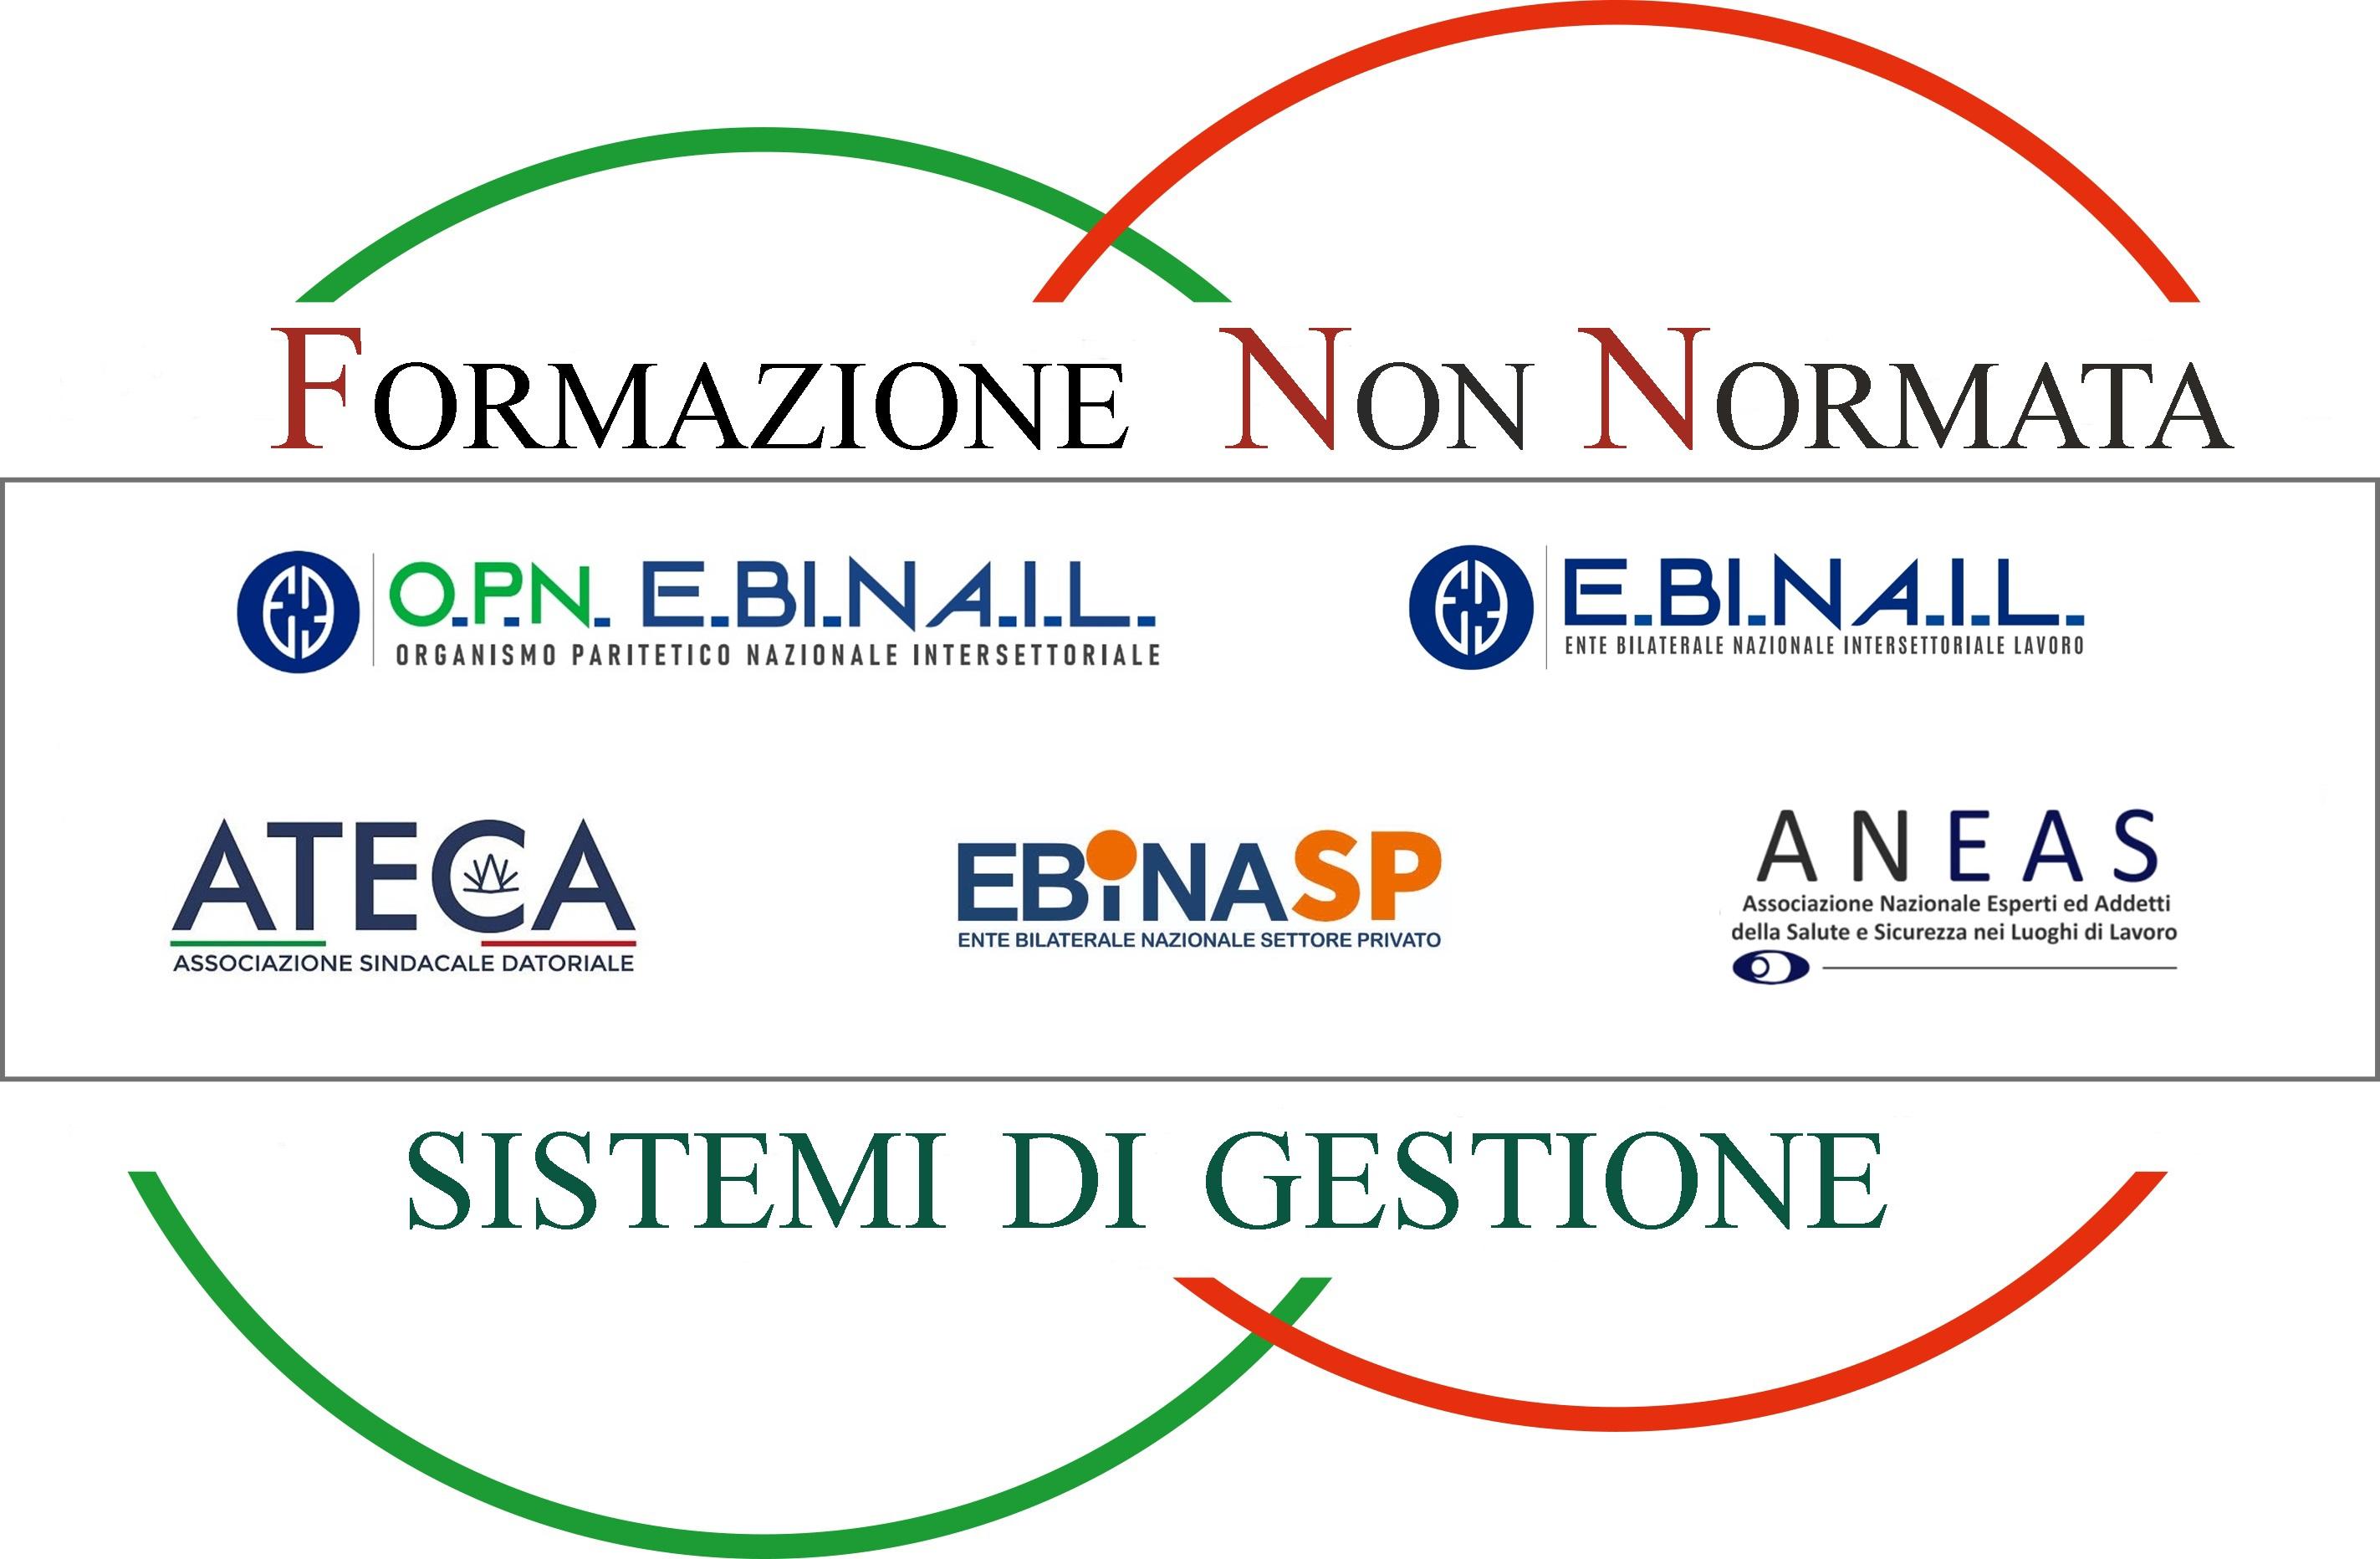 CORSO DI PROGETTAZIONE E AUDIT DI SISTEMI CONFORMI AL D.LGS. 231/01 (60 ORE)